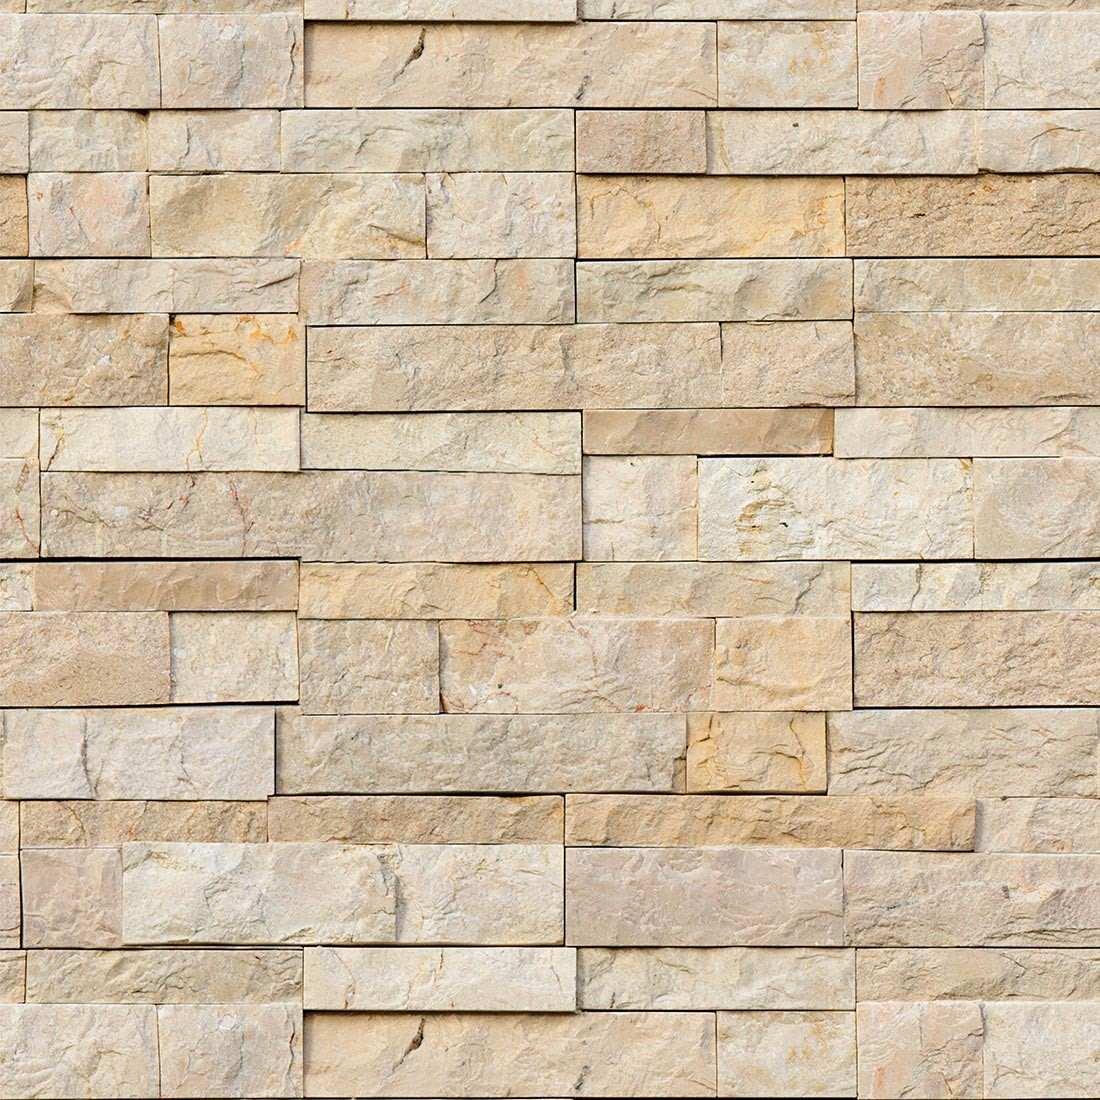 Papel de parede pedra canjiquinha lav vel vin l 3 10m r for Papel para paredes baratos